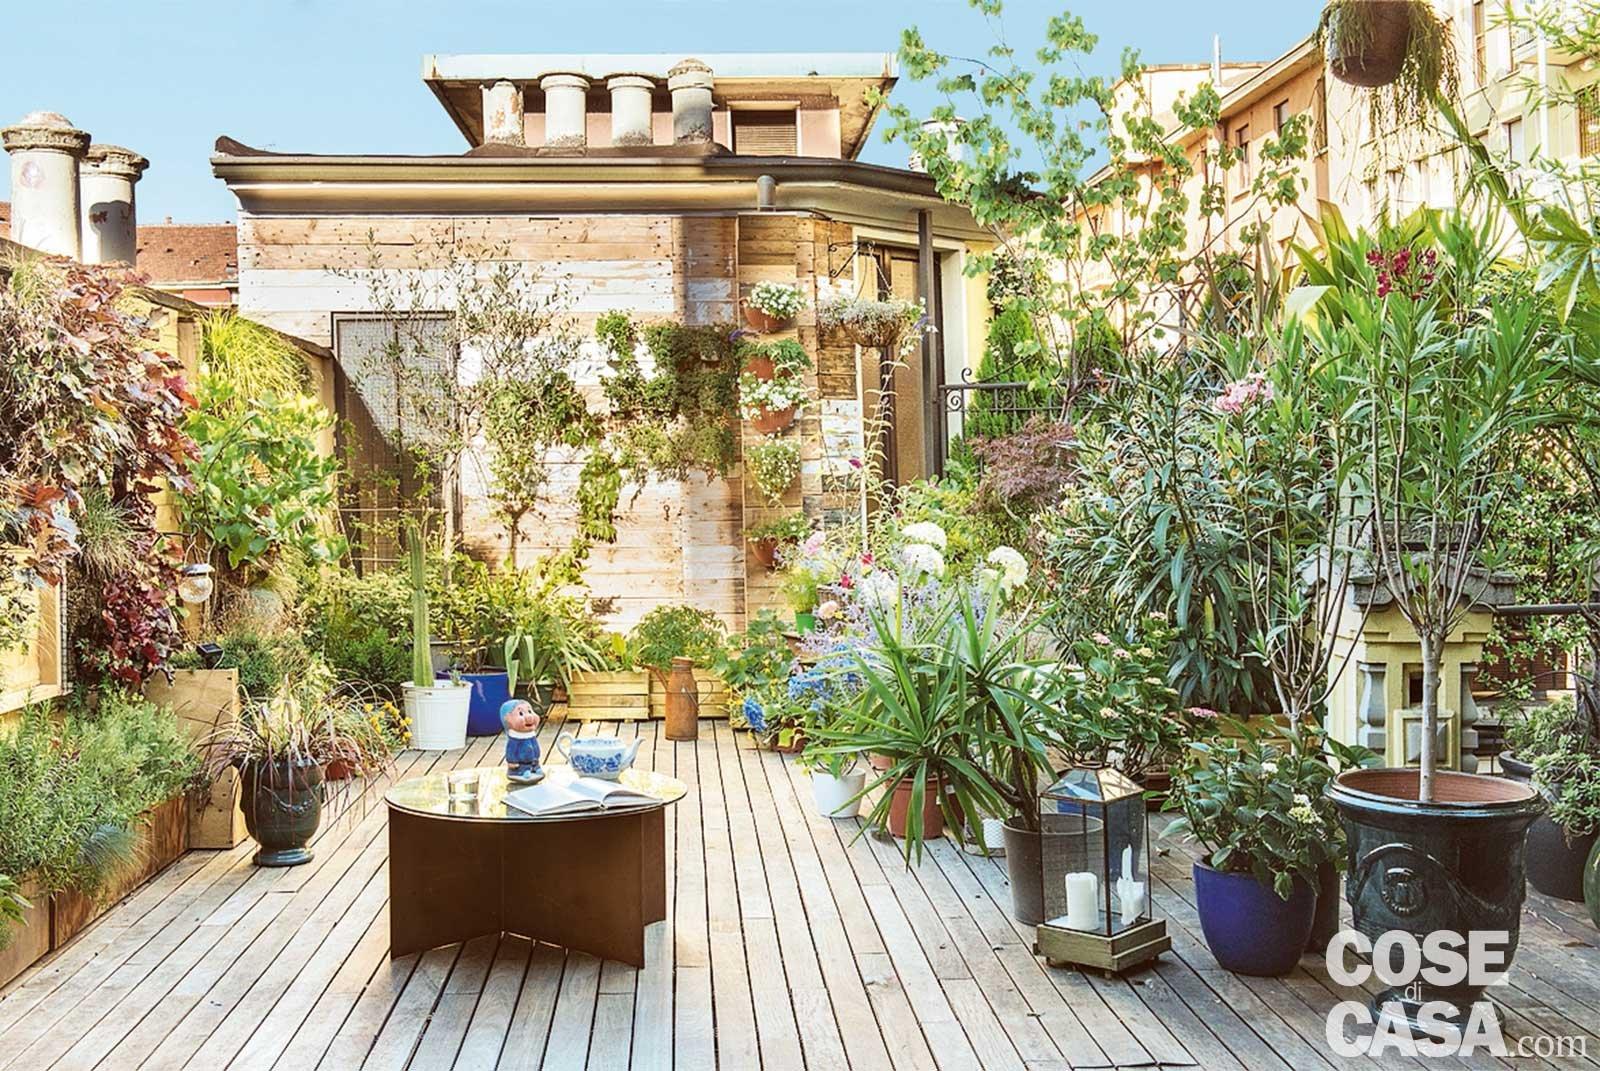 Credenza Per Terrazzo : 85 mq con spunti industrial e idee di recupero creativo cose casa